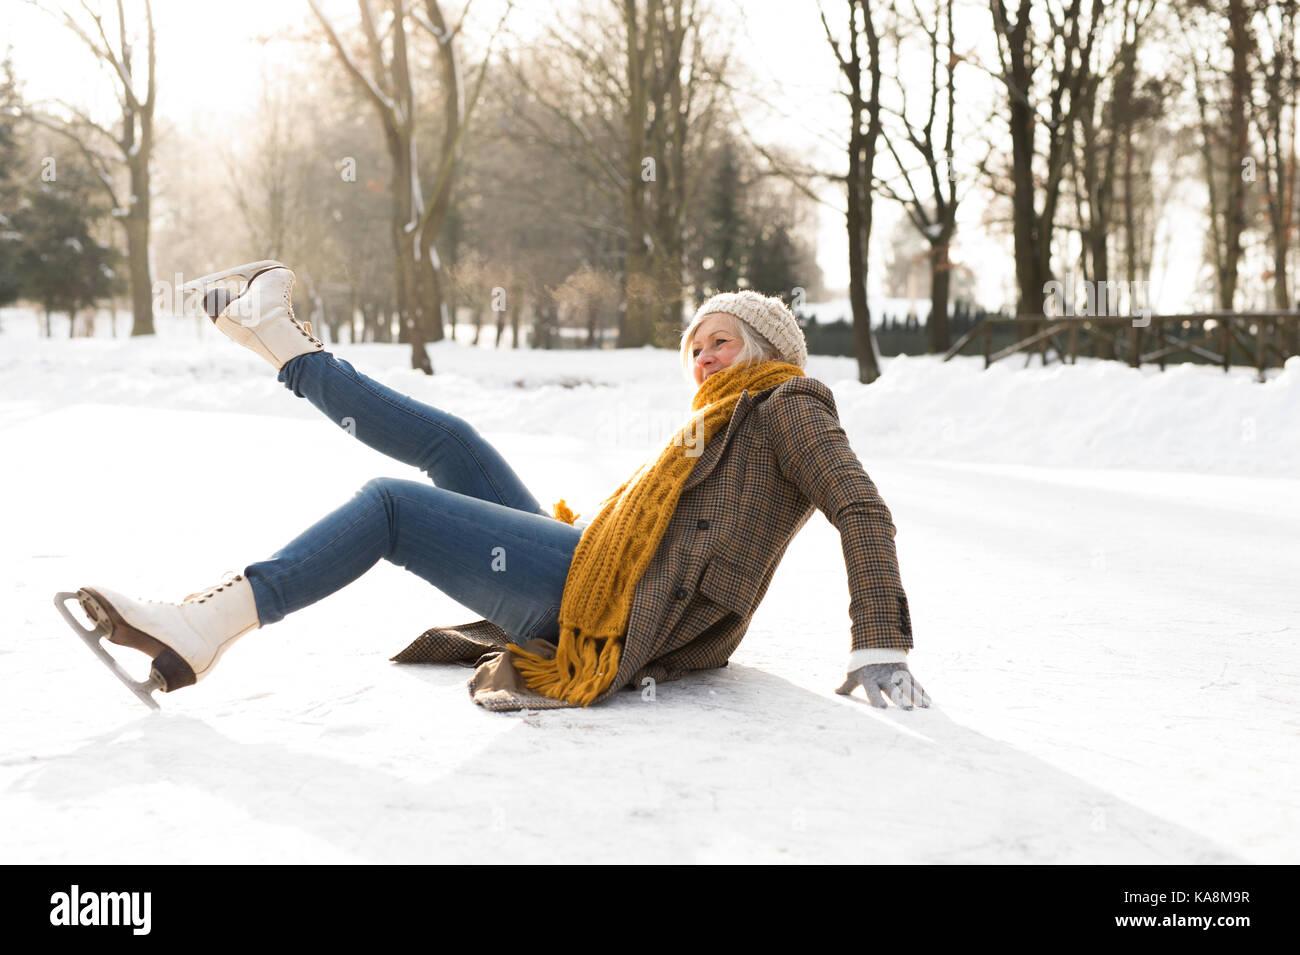 Senior donna sul ghiaccio dopo una caduta. Foto Stock